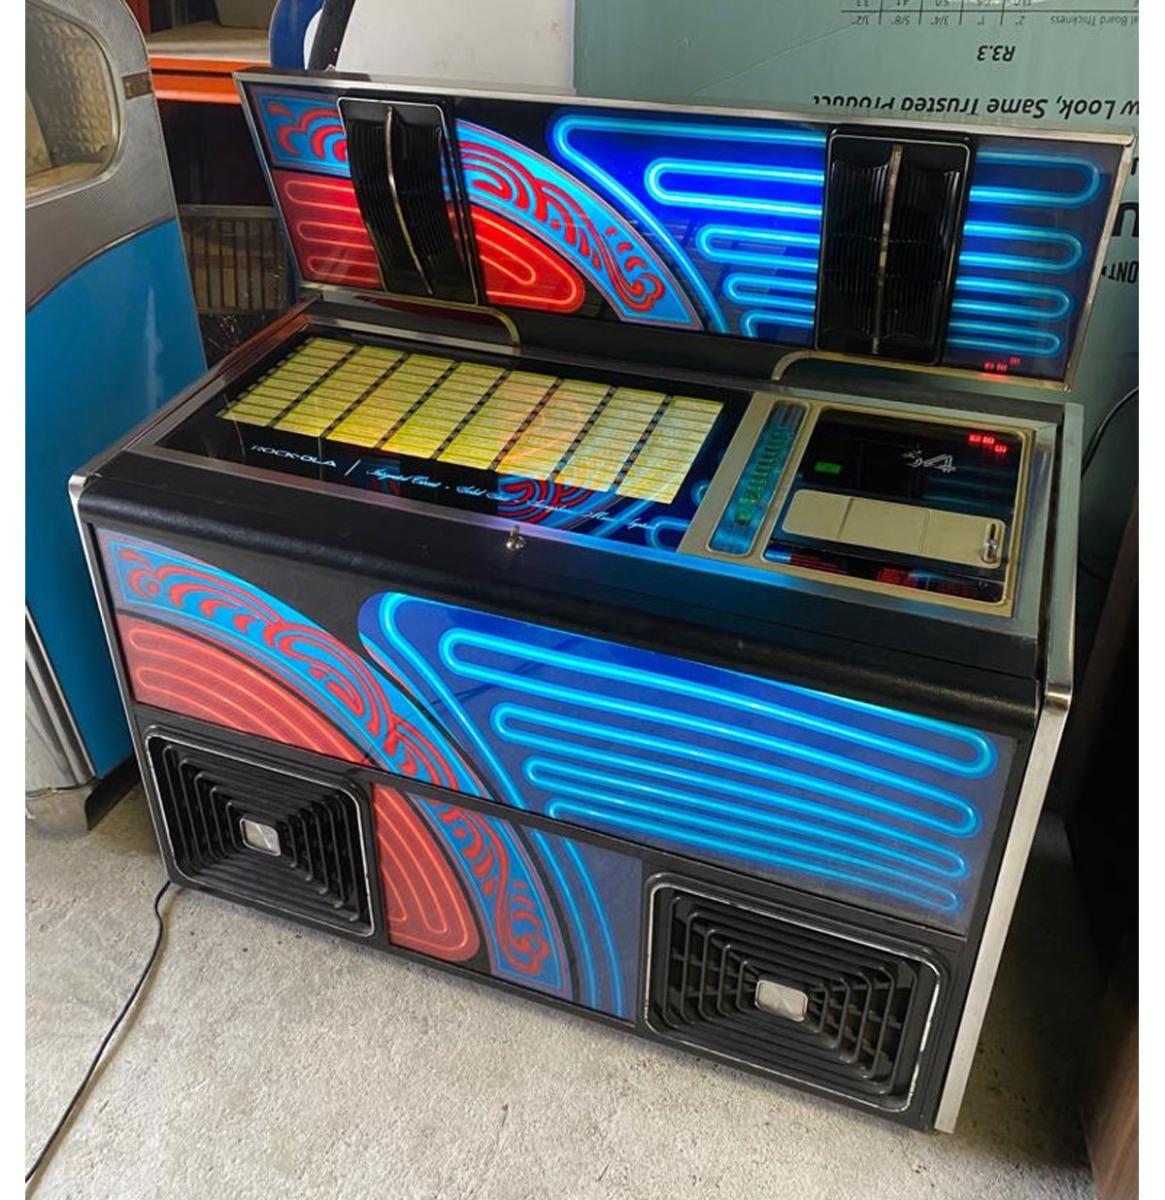 Rock-Ola 464 Jukebox 1976. Werkend Met Prachtig Geluid!